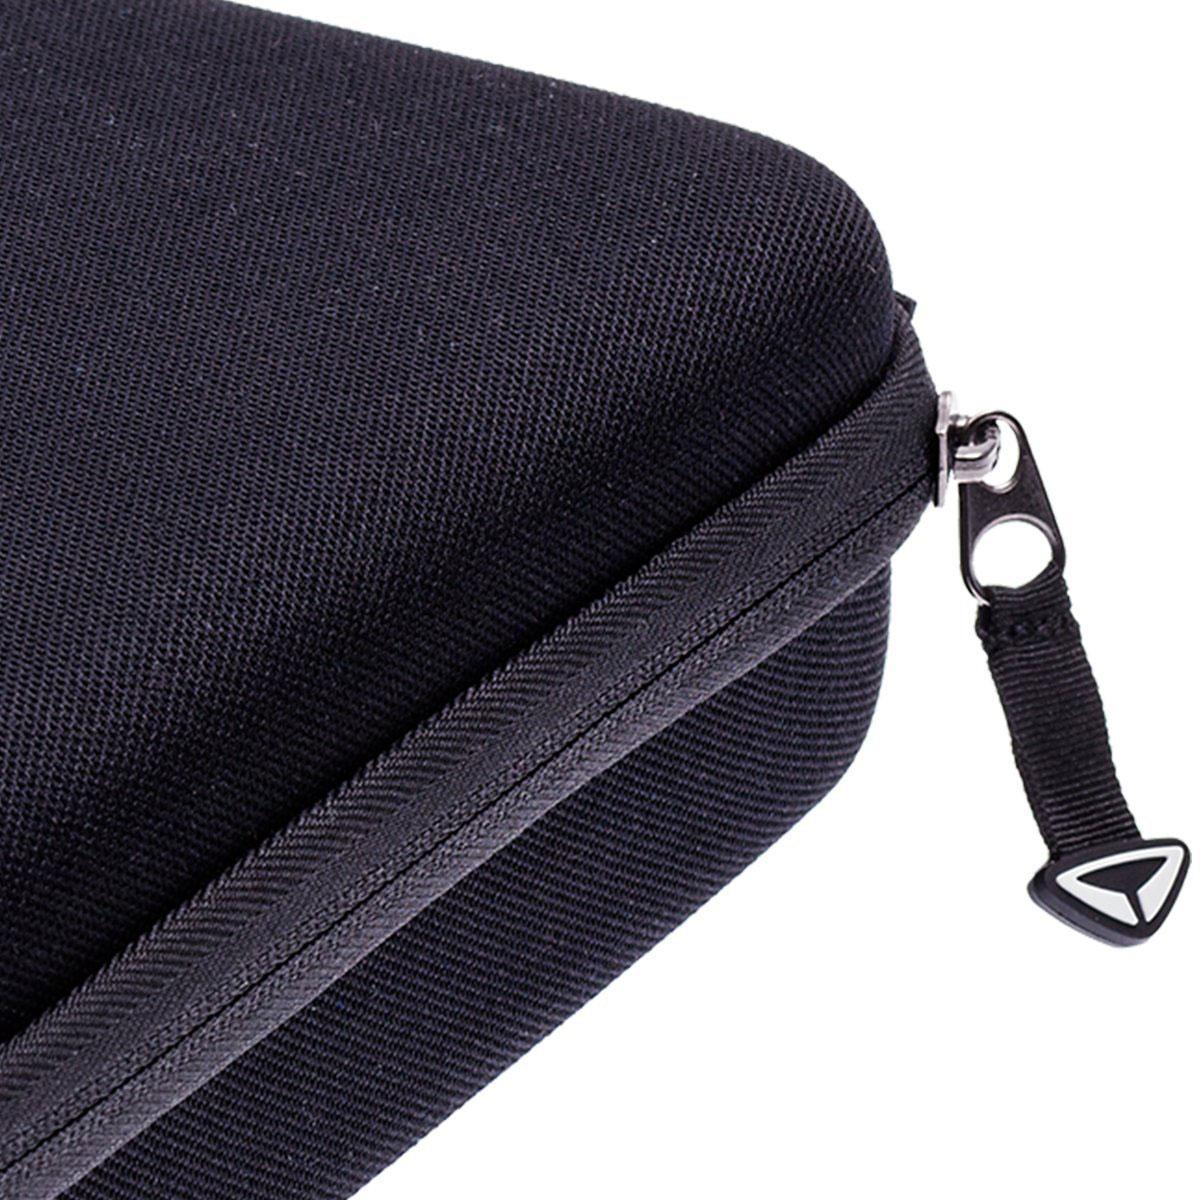 SP-Gadgets POV Case Large GoPro-Edition, Black кейс для экшн-камеры